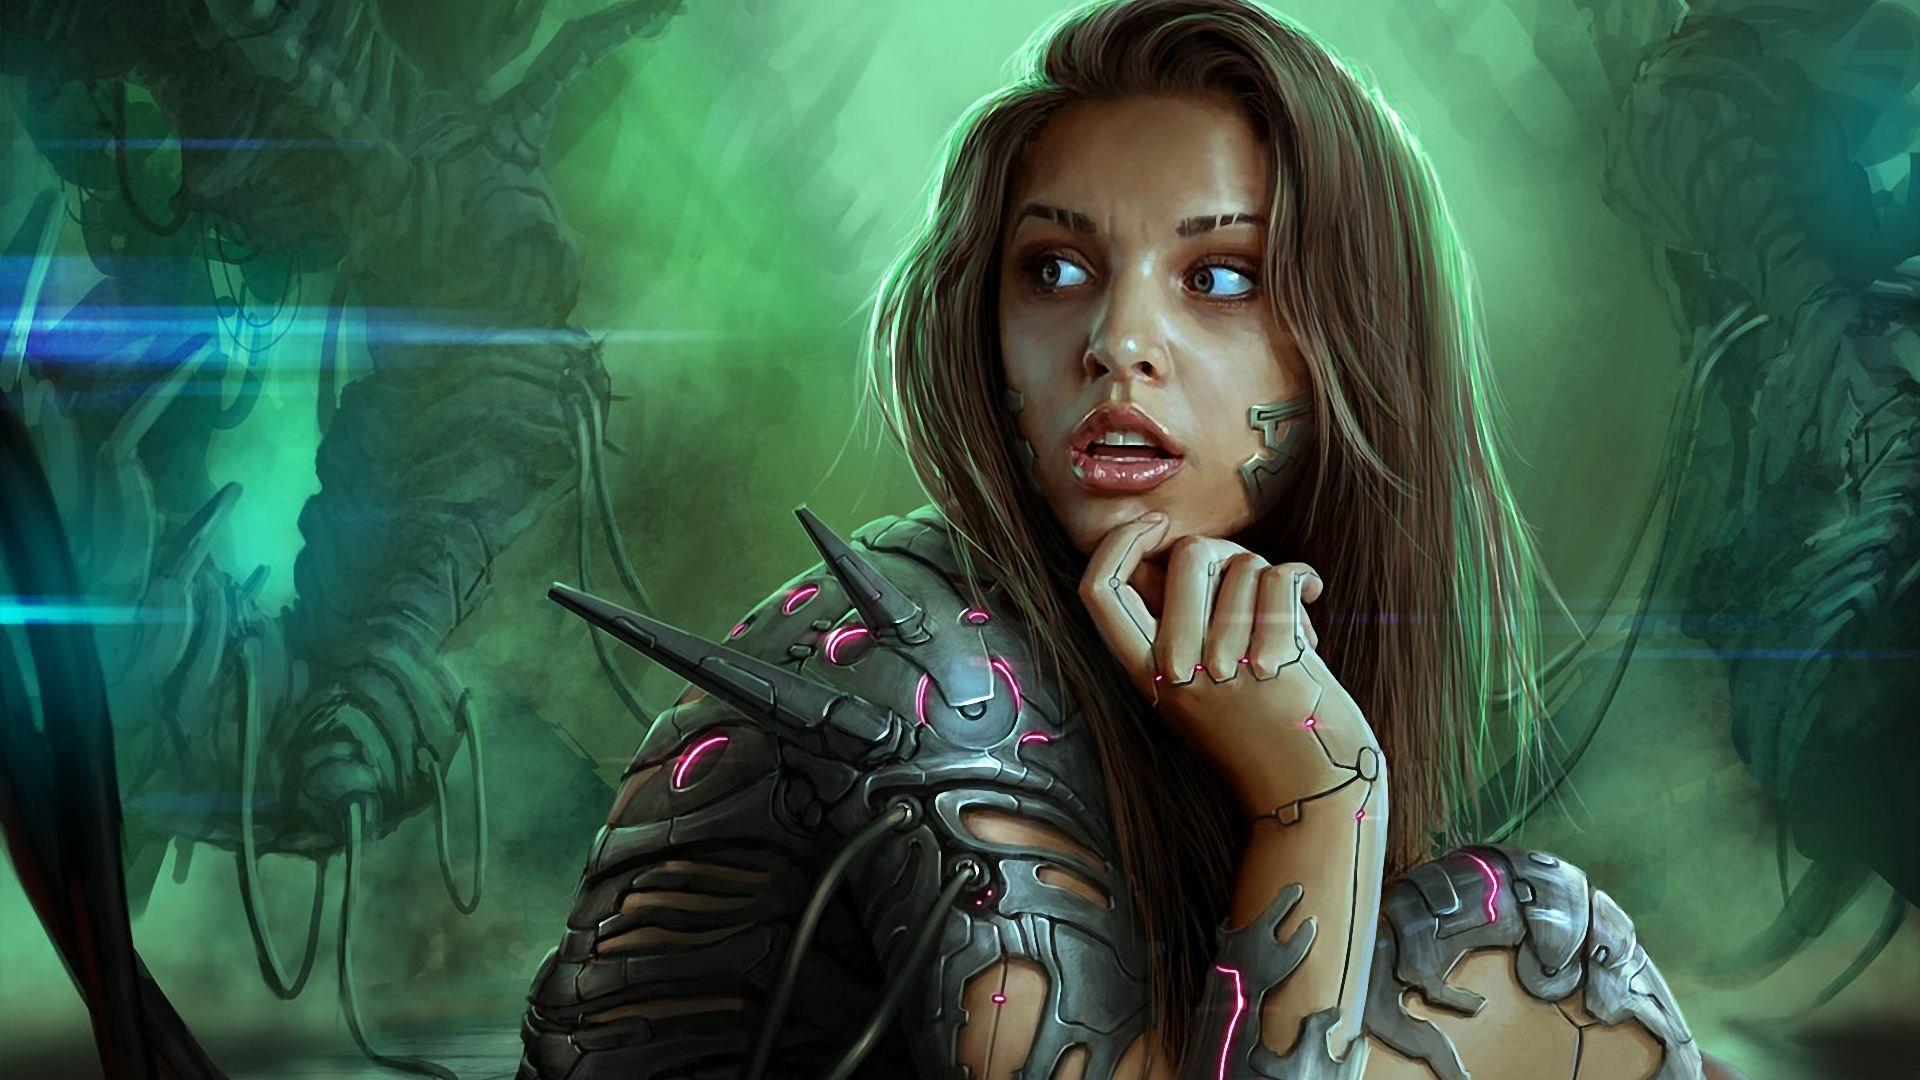 http://4.bp.blogspot.com/-jV05qpEIqoo/UEHaLhxm6uI/AAAAAAAAEhg/6-028og8F4Y/s1920/cyborg-woman-1080.jpg